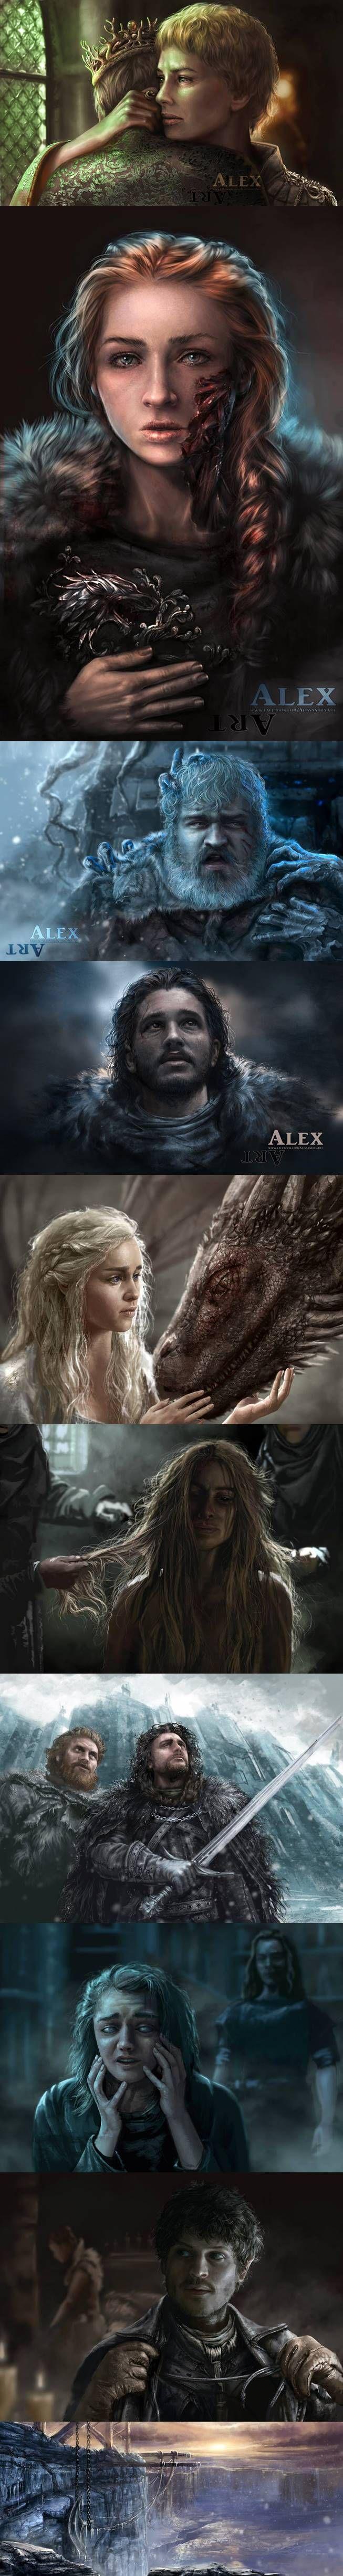 game of thrones alex art